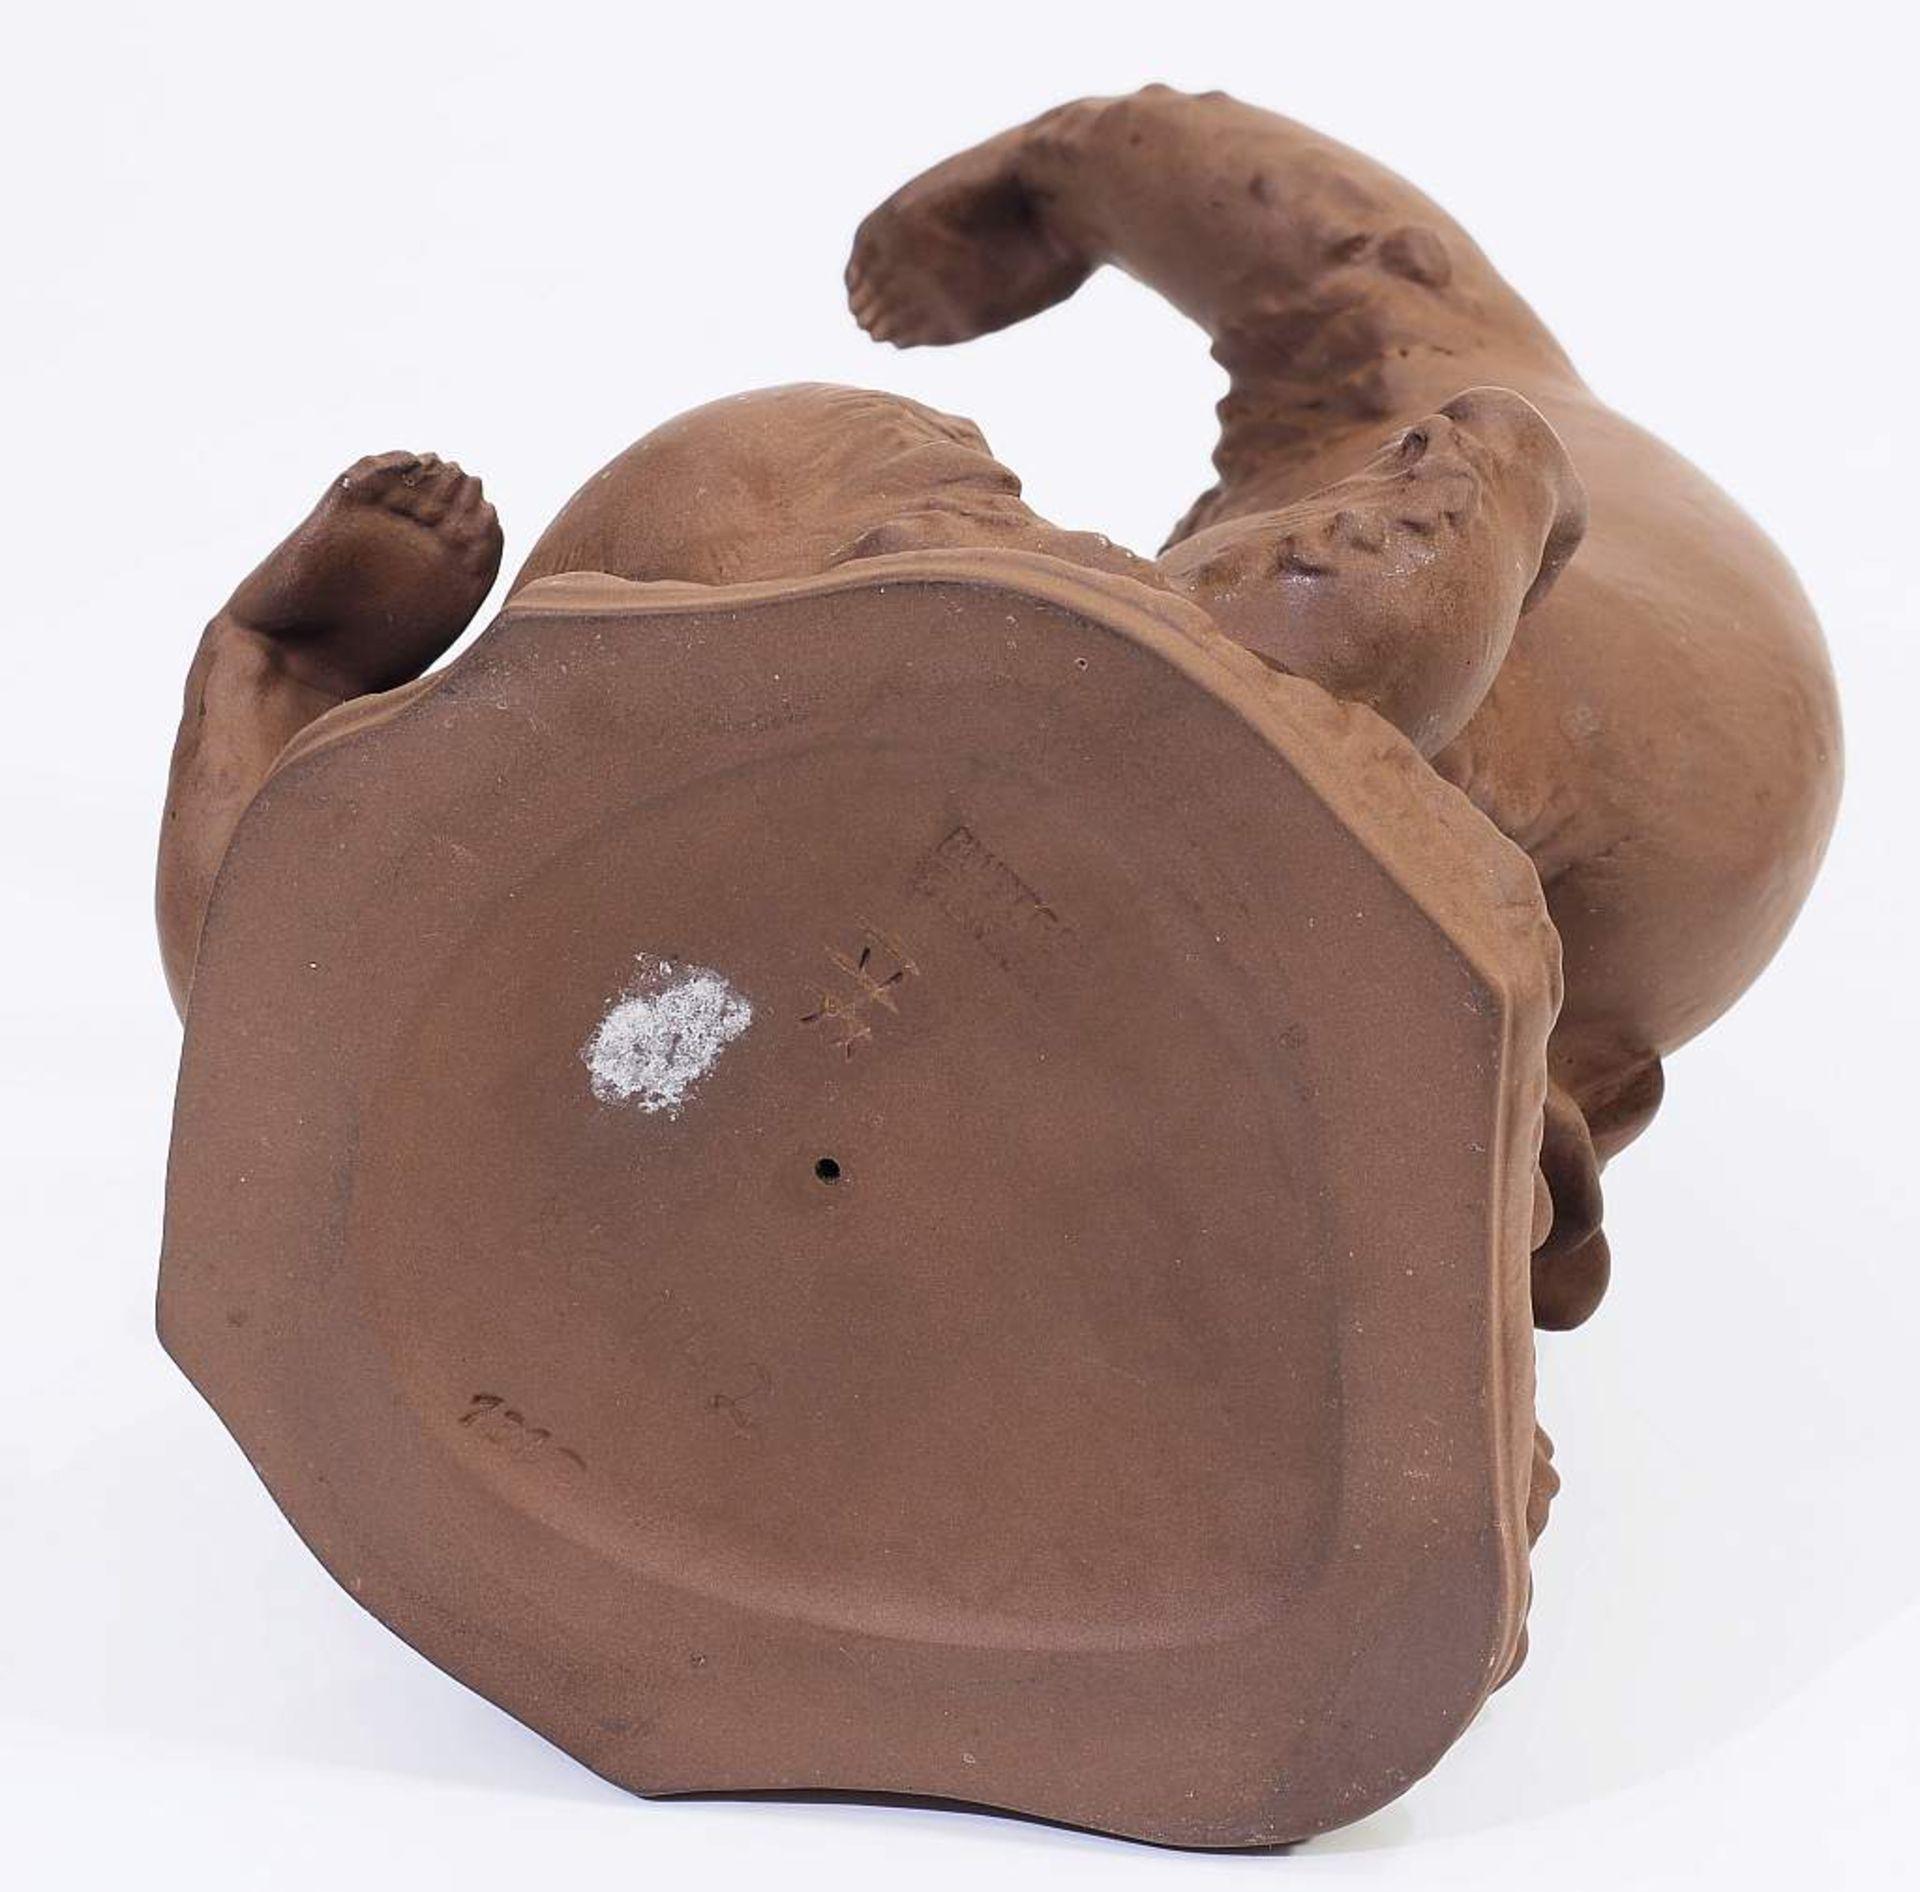 """Los 39 - Tierplastik """"Junge Bären, spielend"""".Tierplastik """"Junge Bären, spielend"""". MEISSEN, nach 1934. Entwurf"""